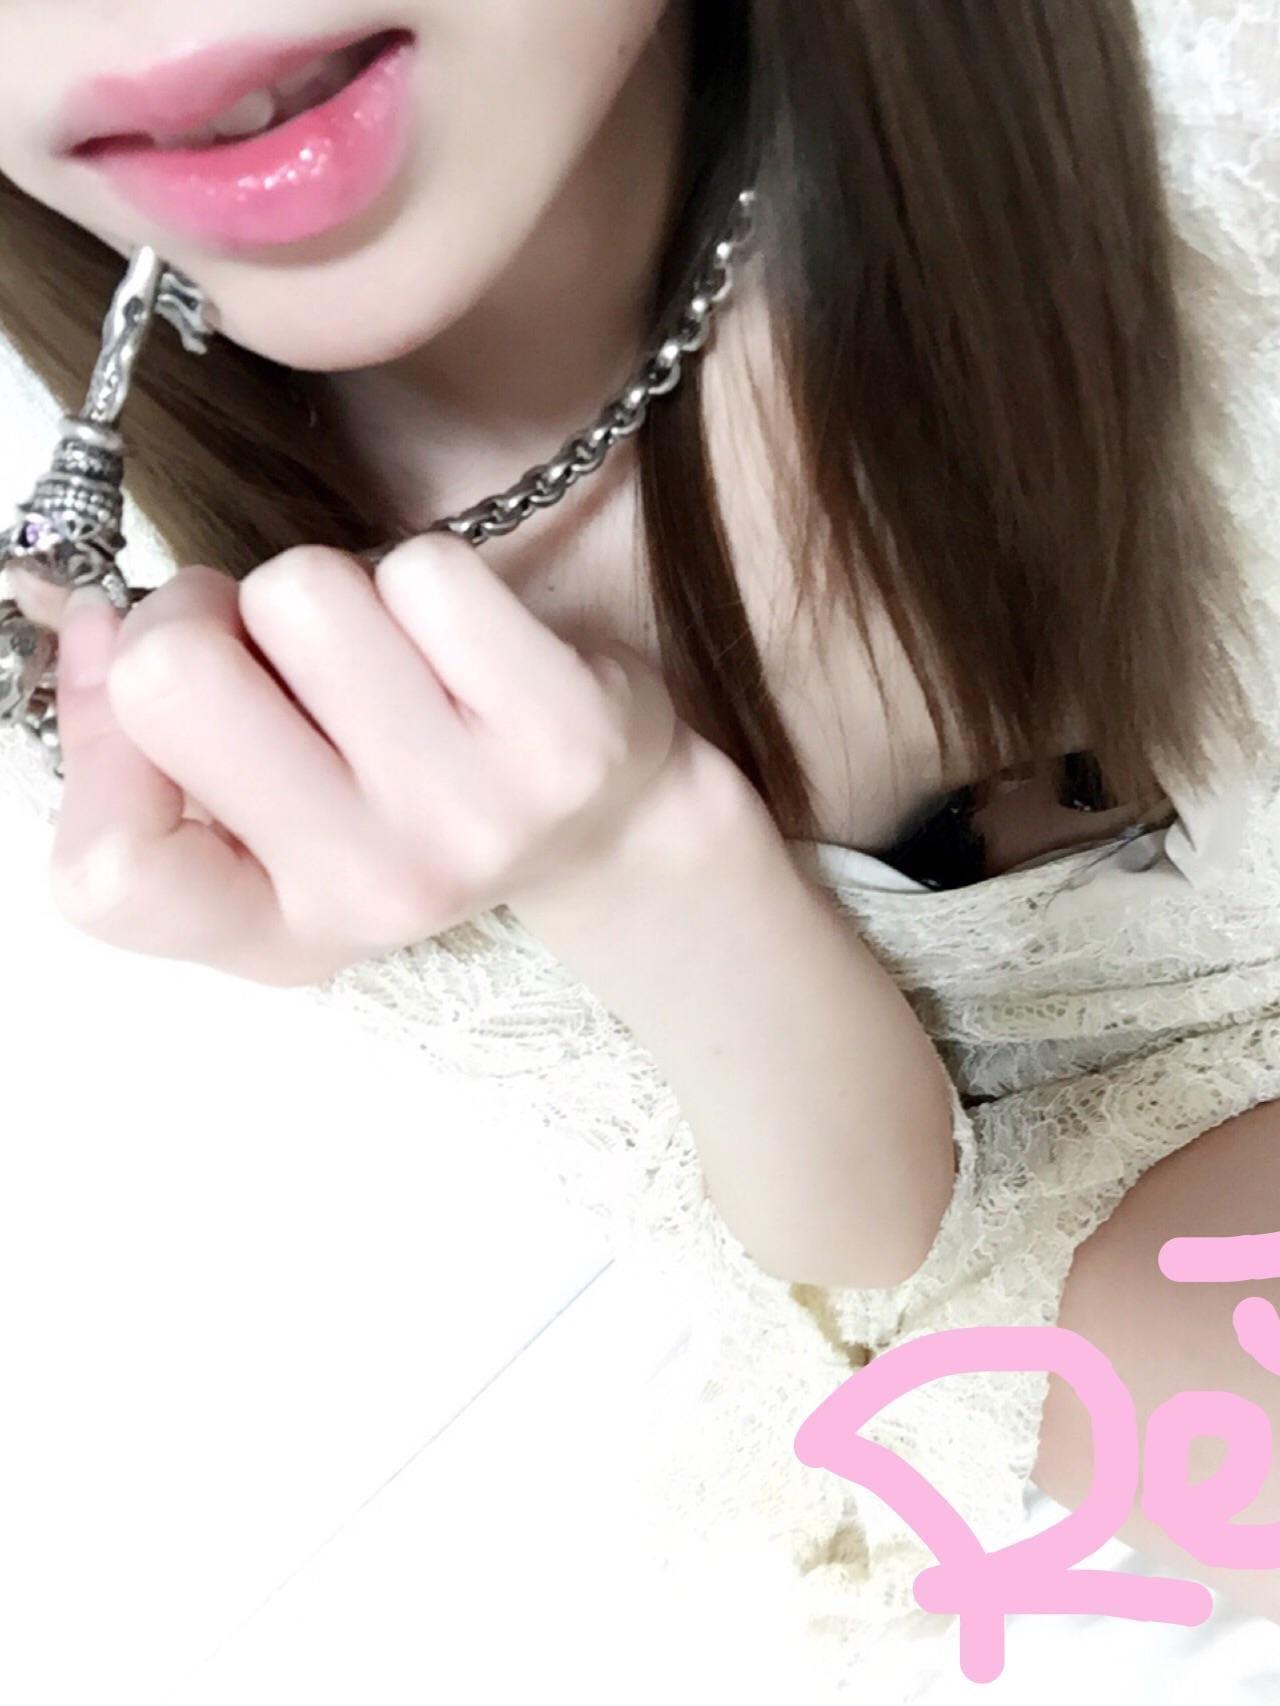 「ちゅっ??」09/22(09/22) 02:46 | Reiの写メ・風俗動画